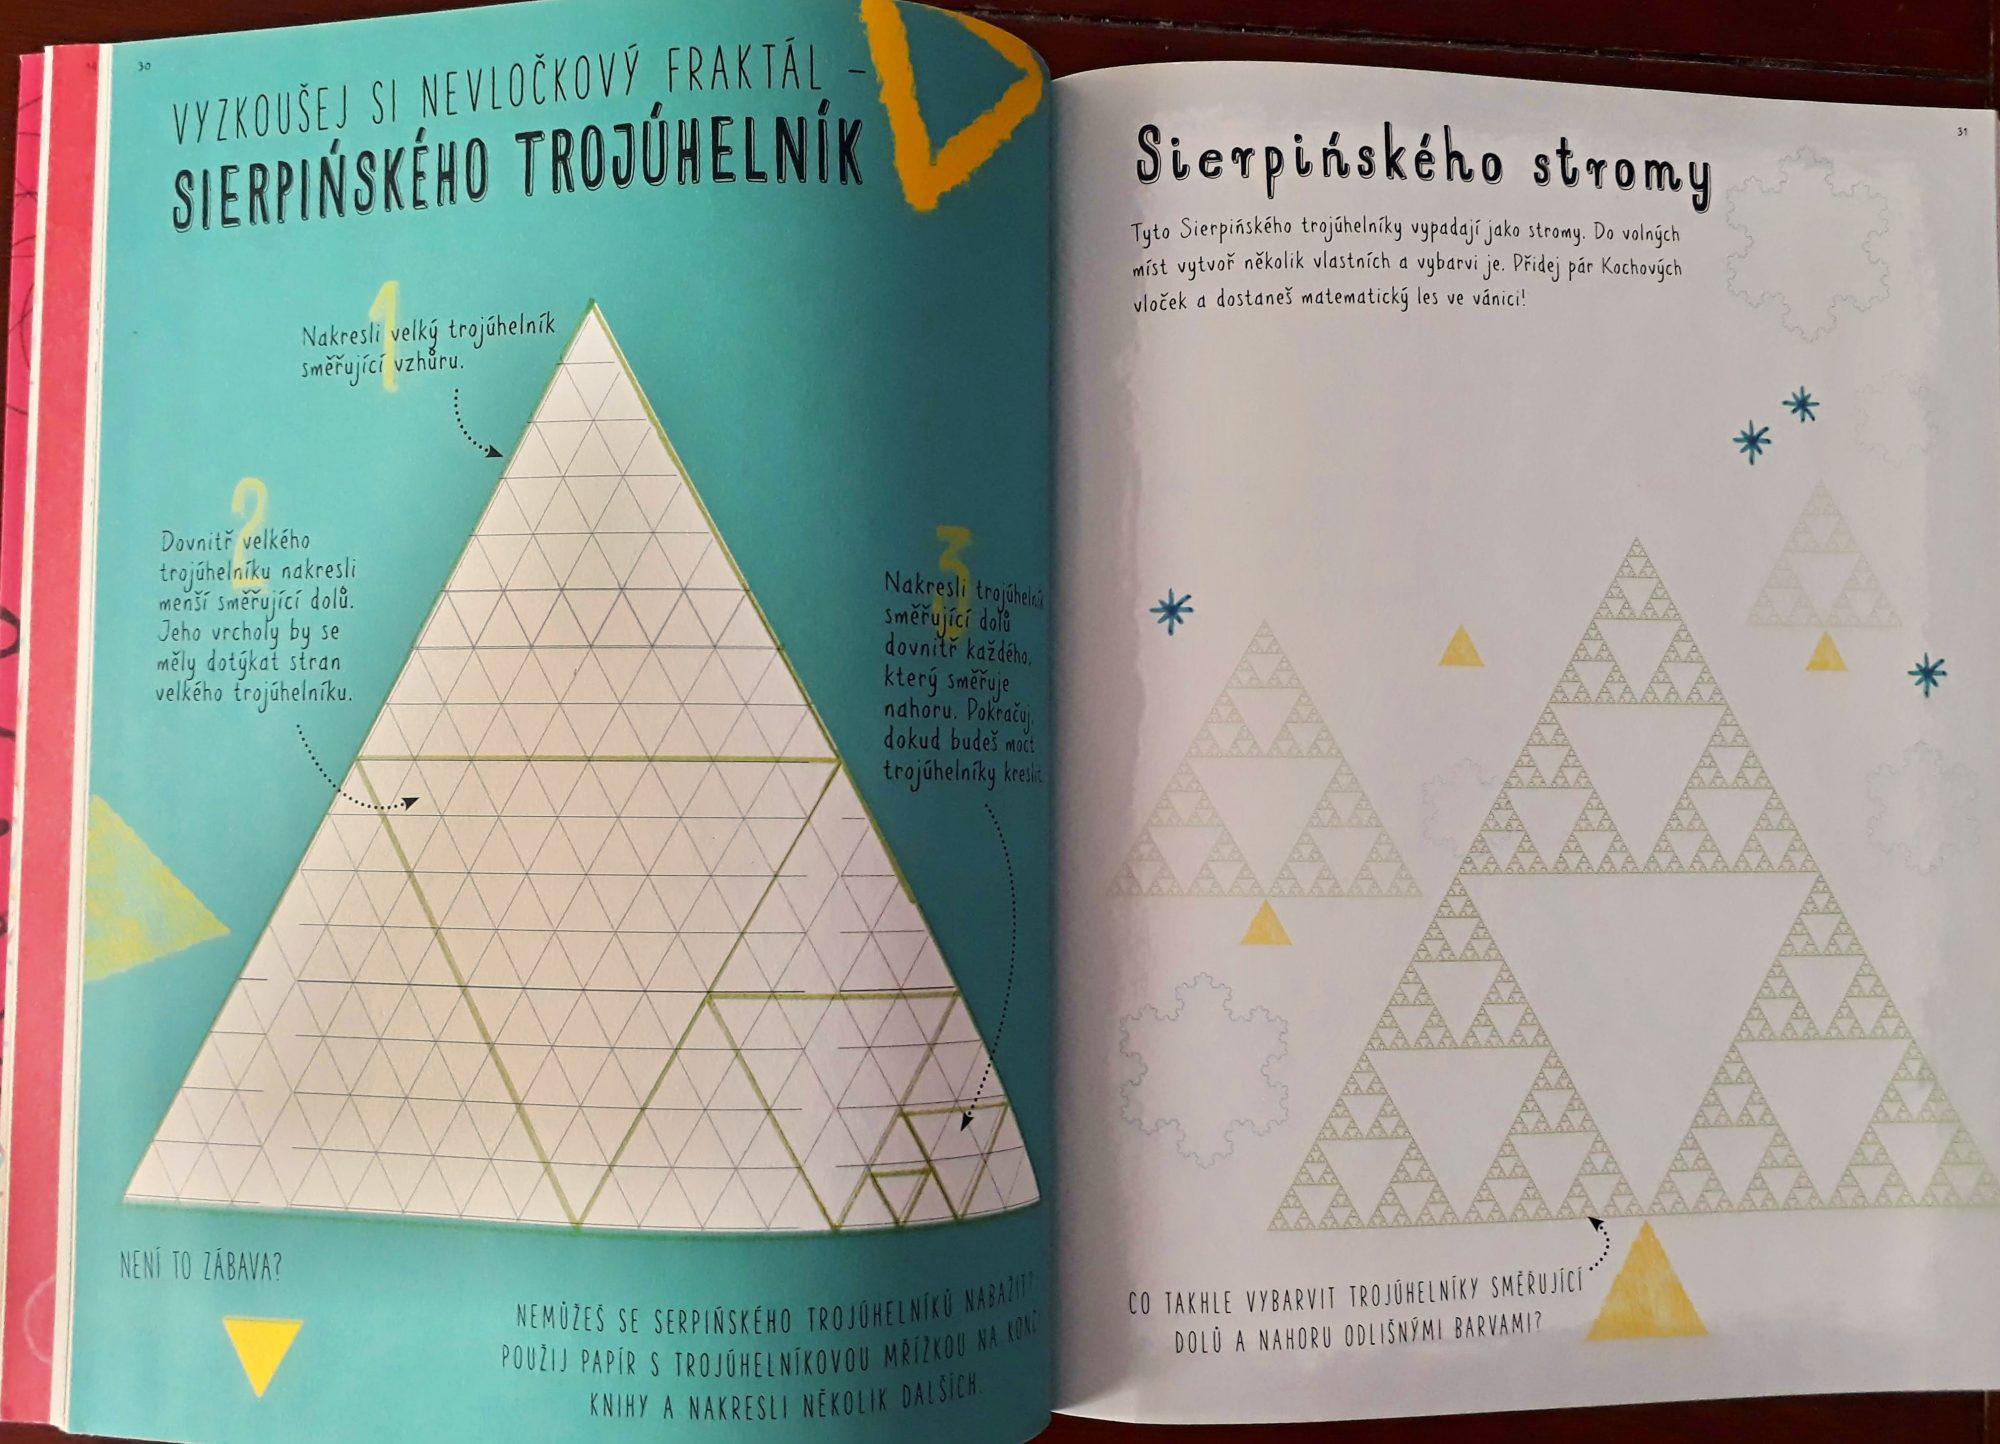 Sierpinského trojuholnik